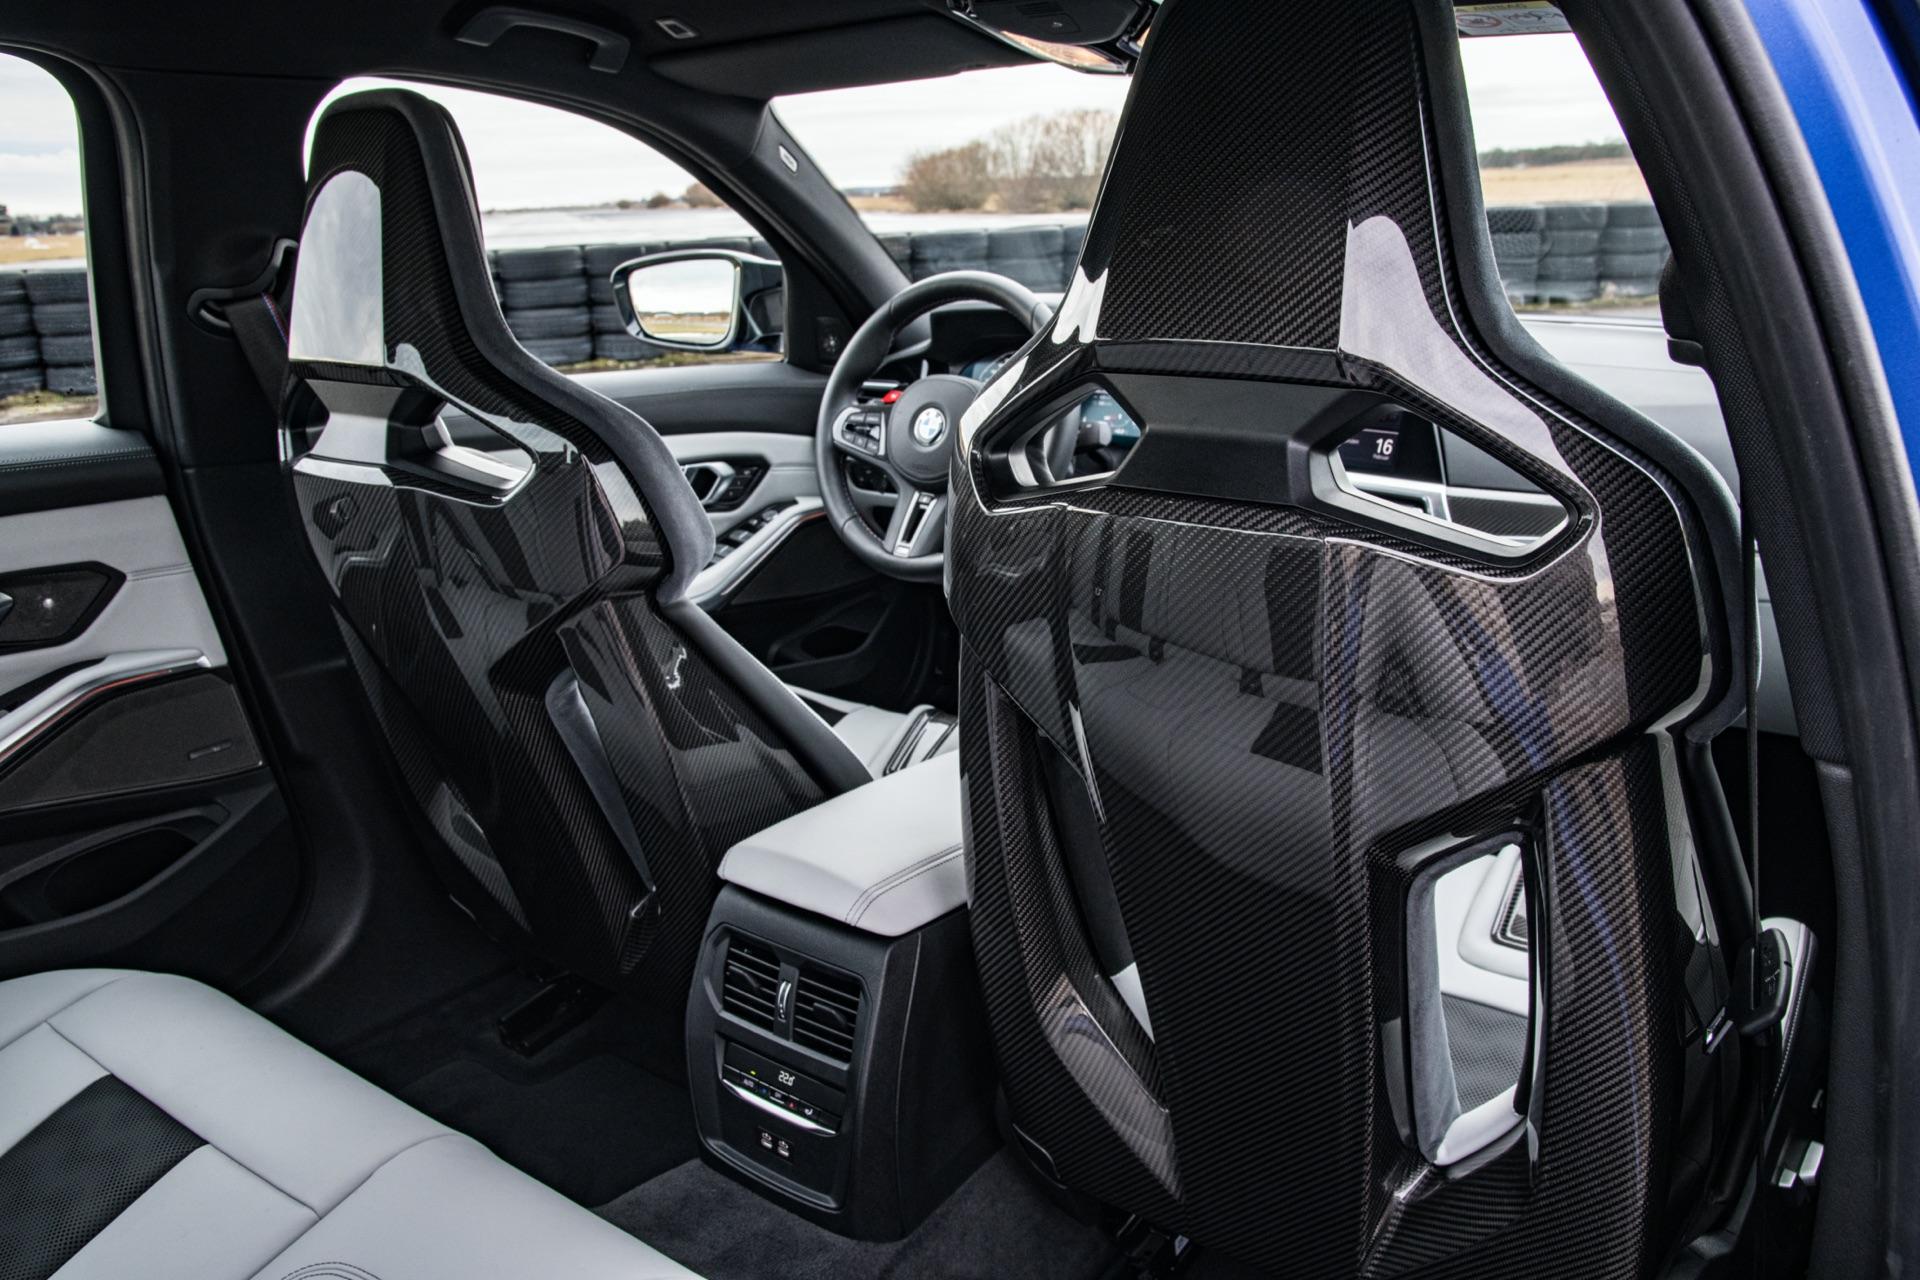 2022 BMW G80 M3 carbon seats